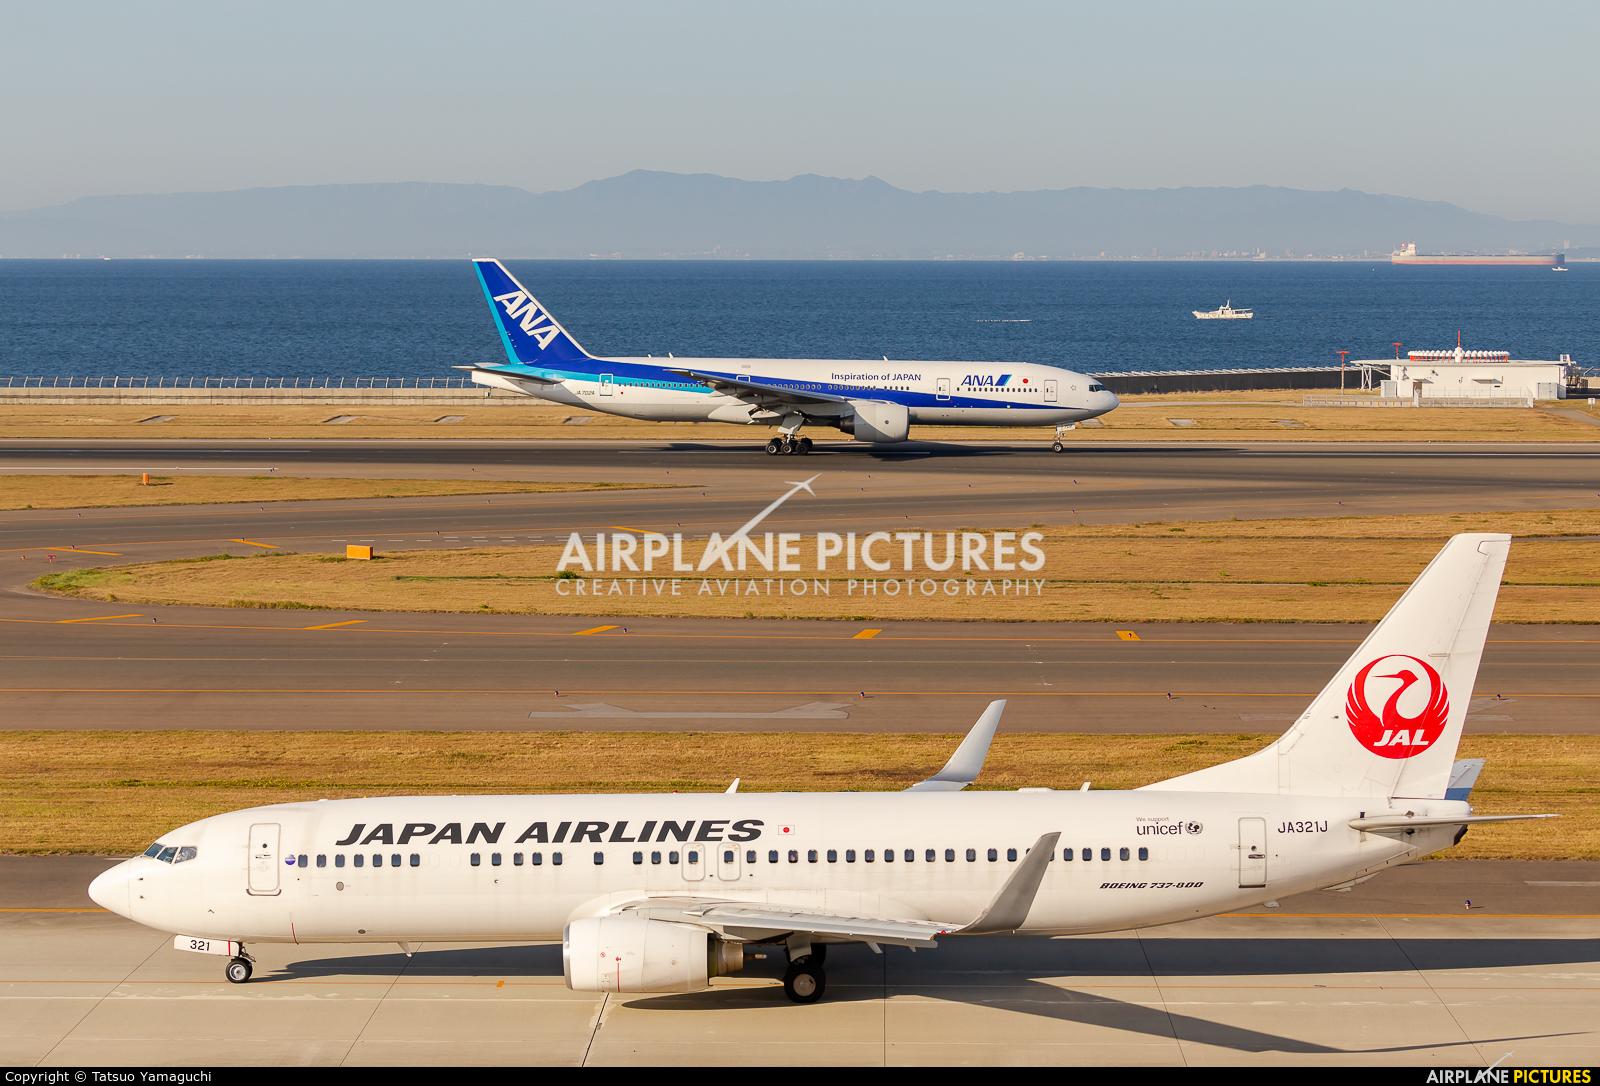 JAL - Japan Airlines JA321J aircraft at Chubu Centrair Intl